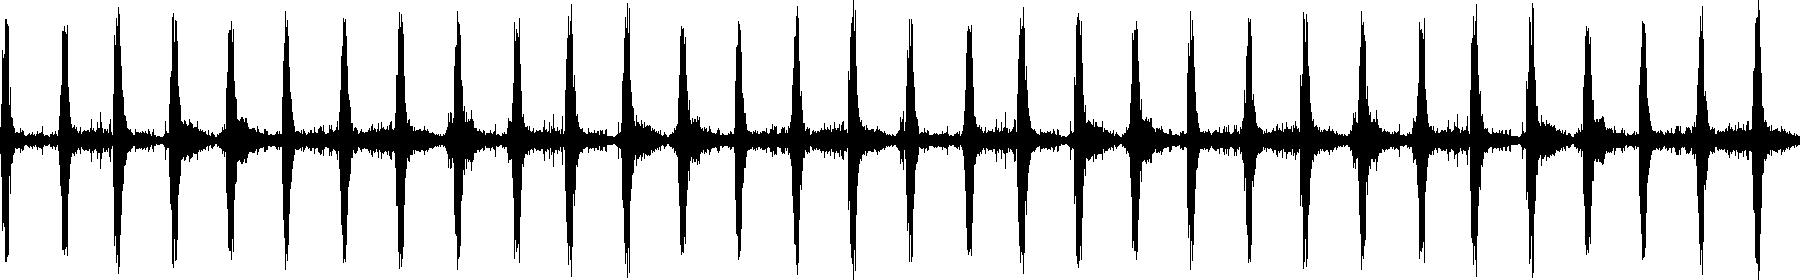 ehp percloop 130 01